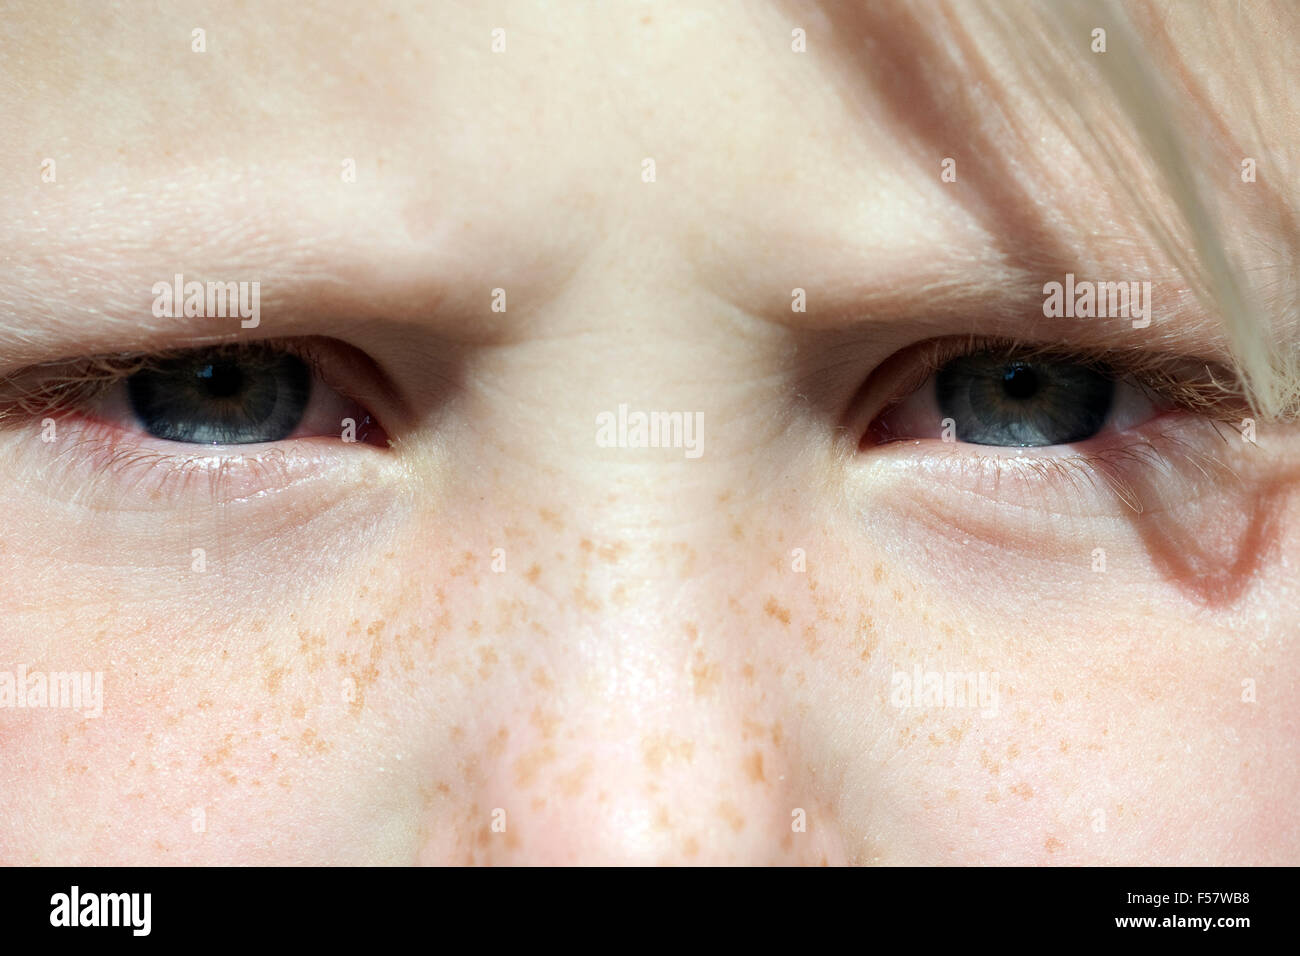 Charmant Anatomie Der Augenlinse Ideen - Menschliche Anatomie Bilder ...